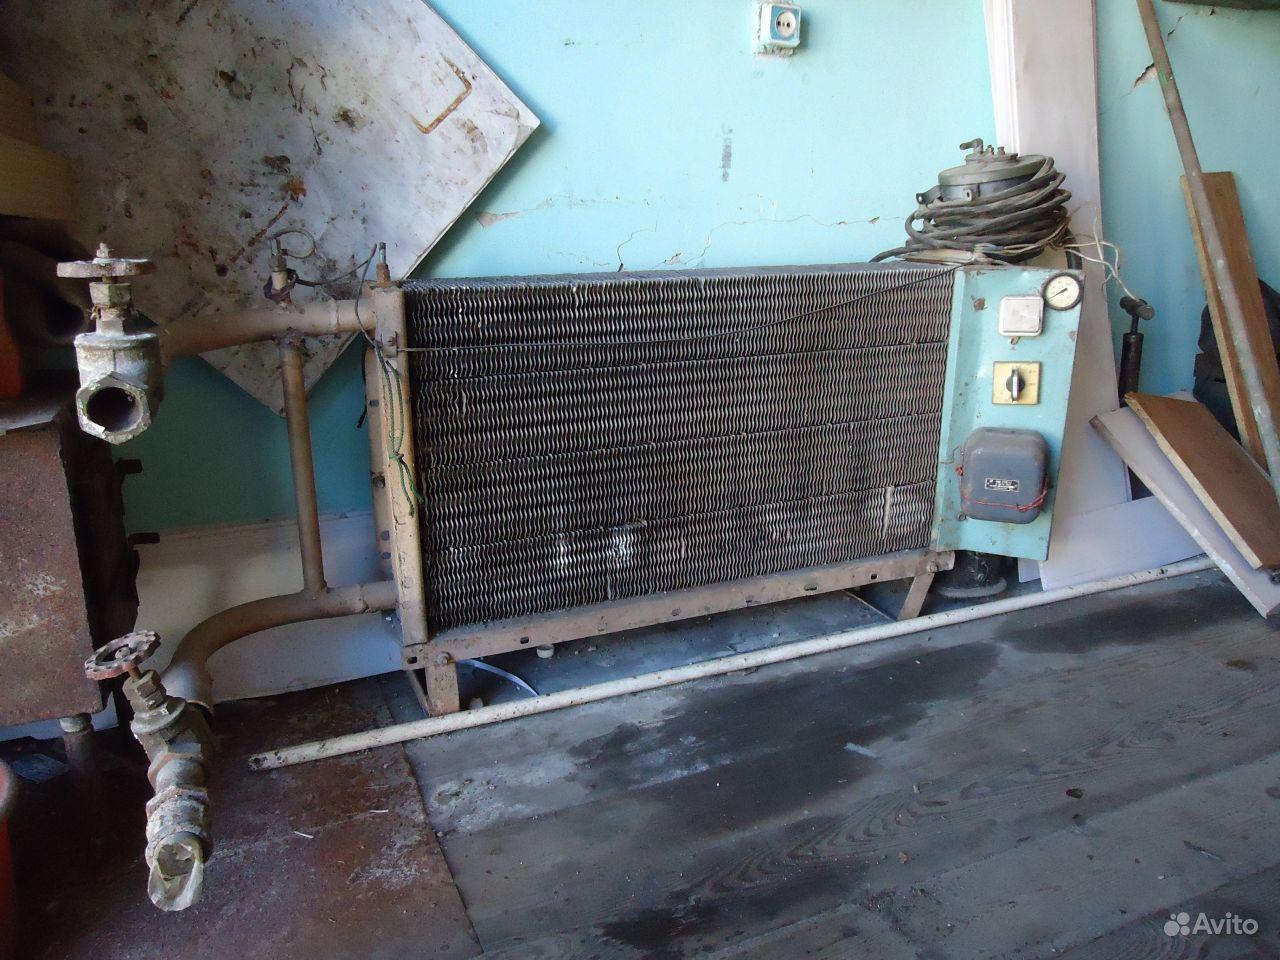 prix chaudiere fioul a condensation de dietrich renovation devis saint maur des foss s. Black Bedroom Furniture Sets. Home Design Ideas